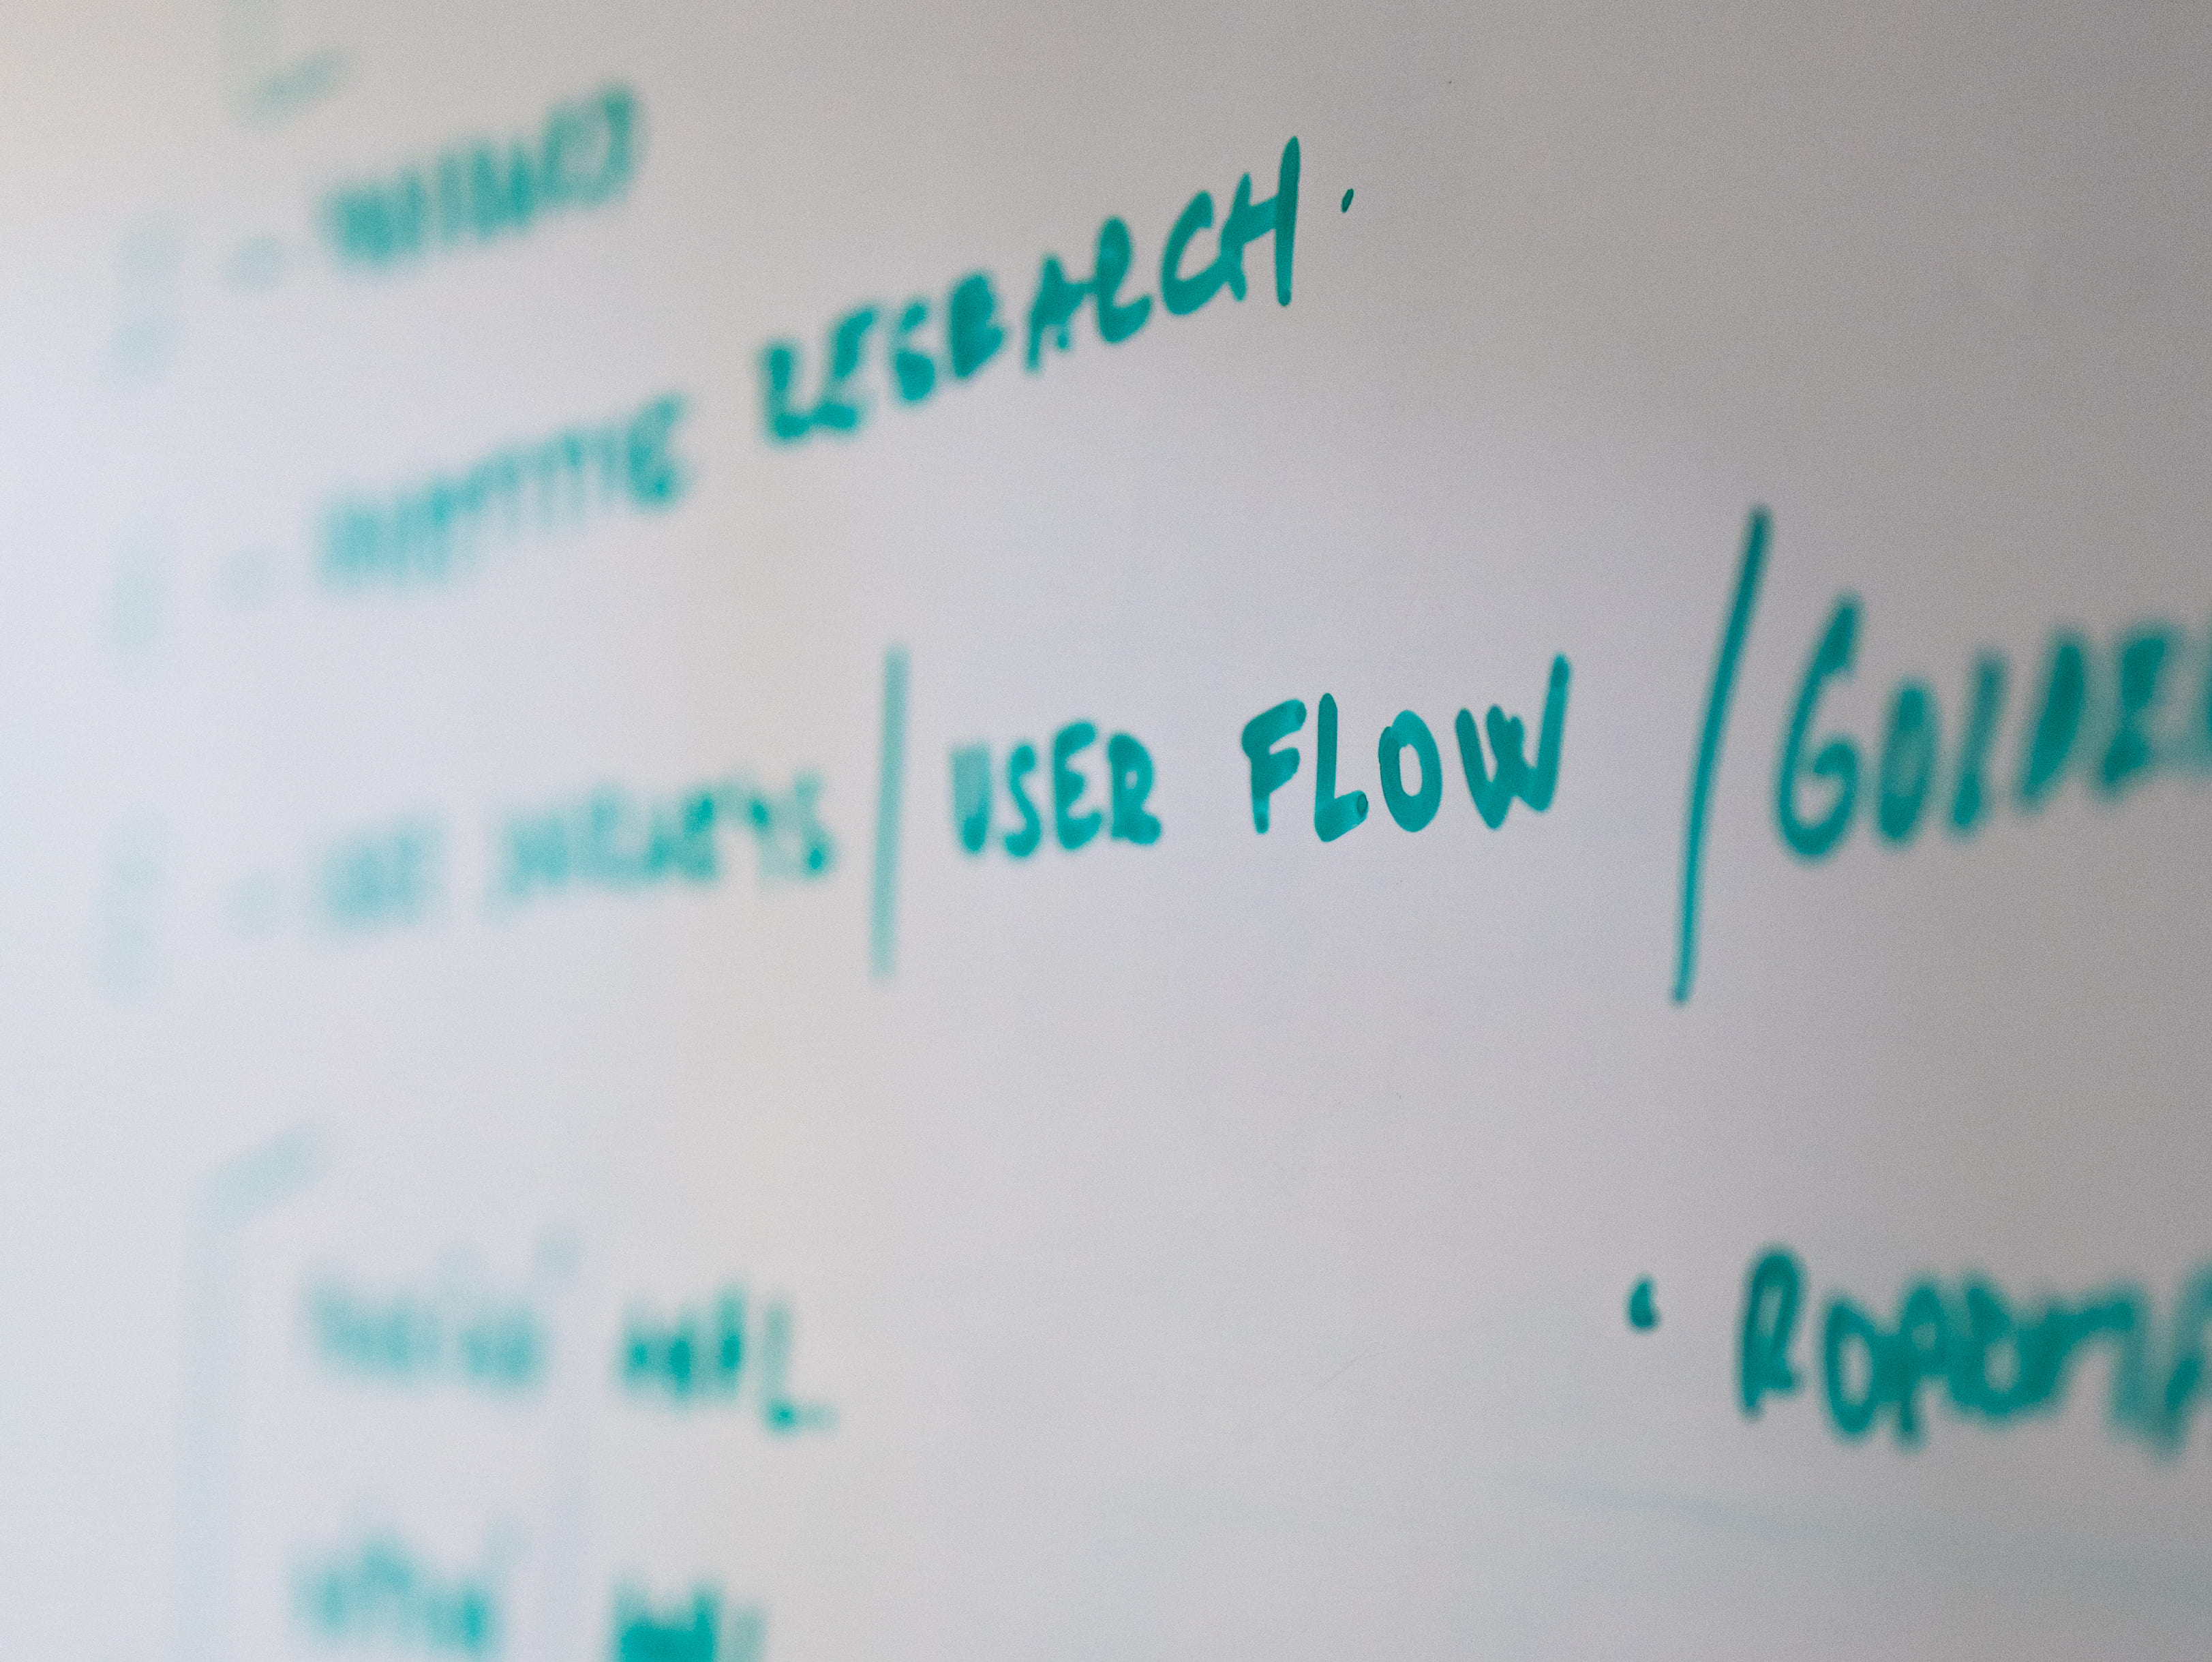 Spoznaj náš UI a UX dizajn proces v 8 krokoch